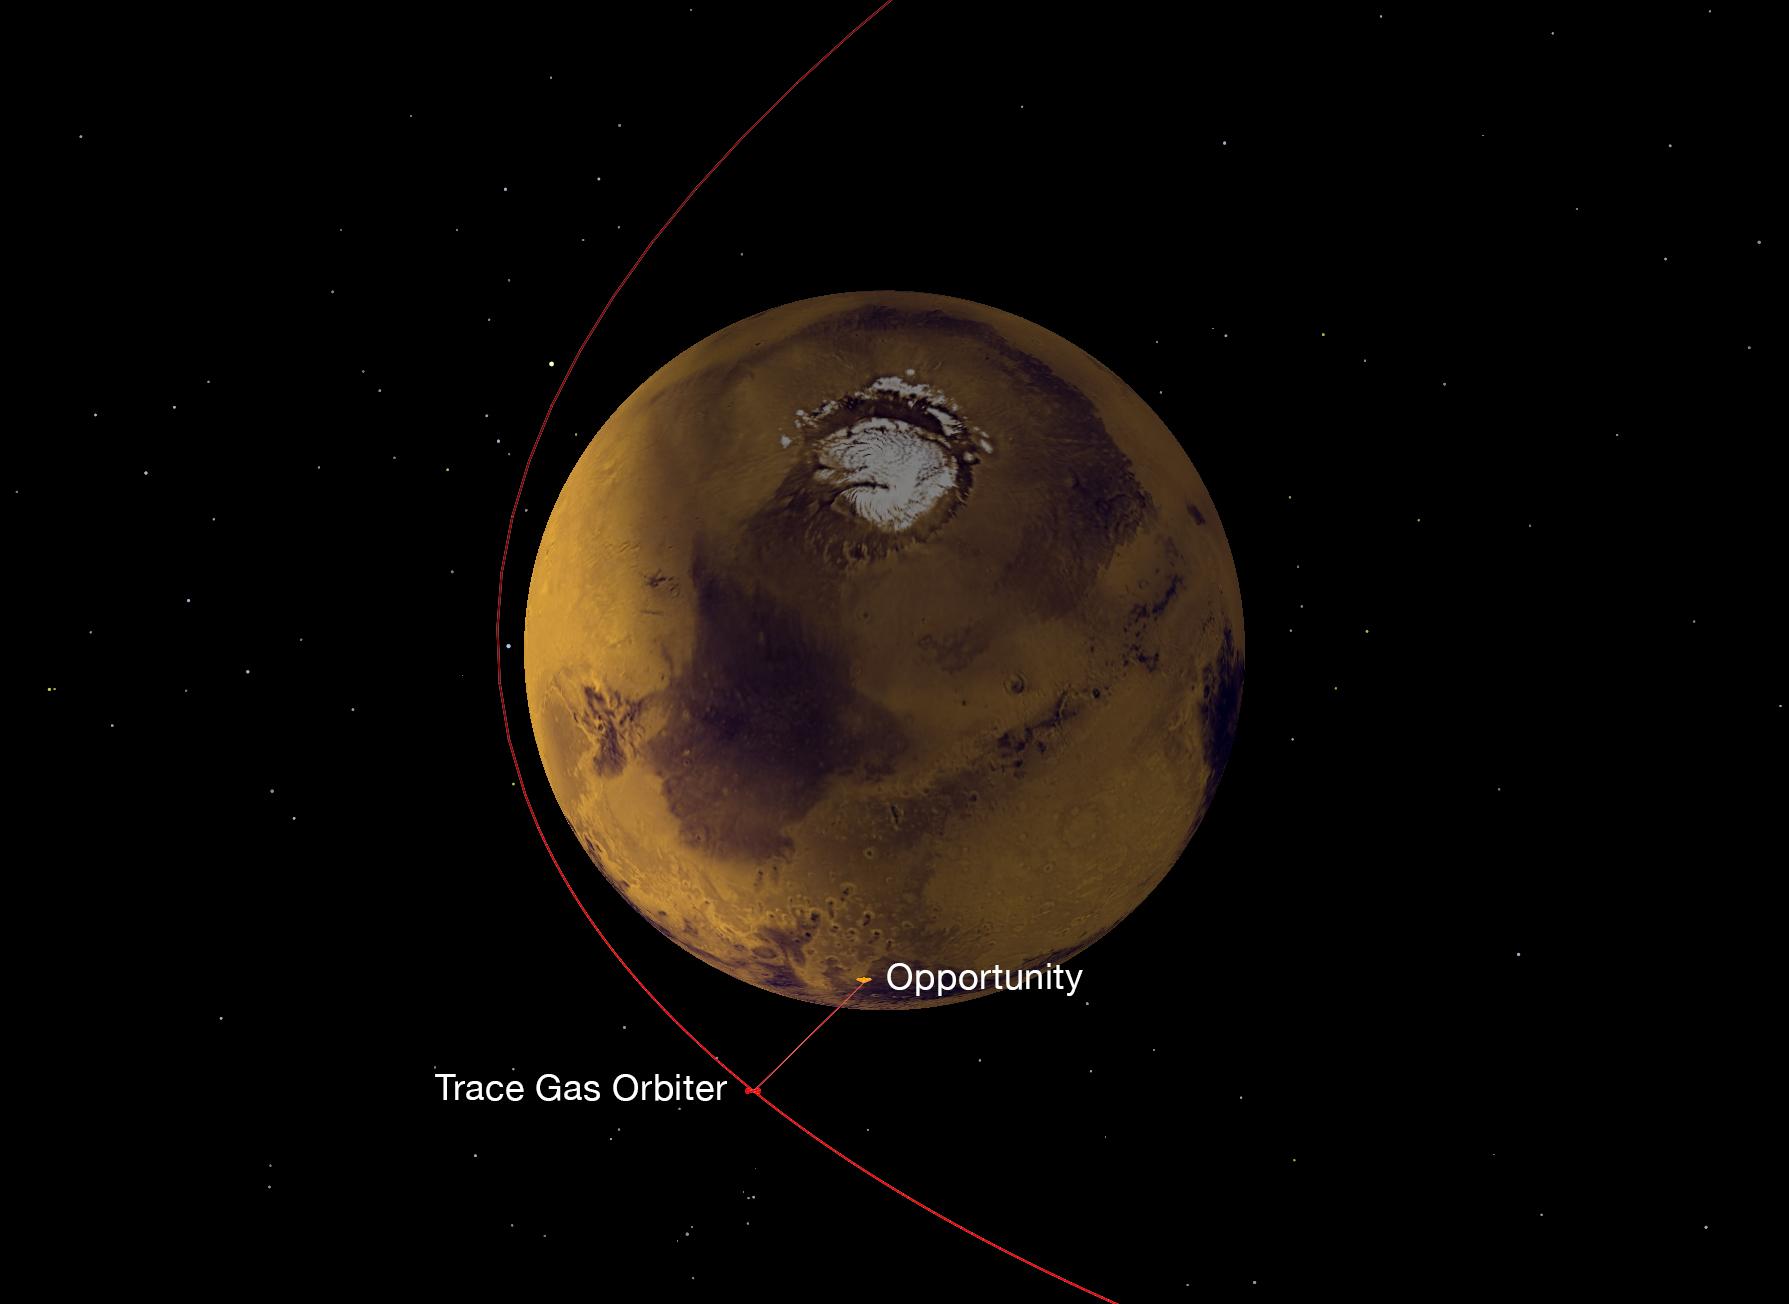 Prime prove di ritrasmissione radio per TGO. Credit: NASA/JPL-Caltech/ESA